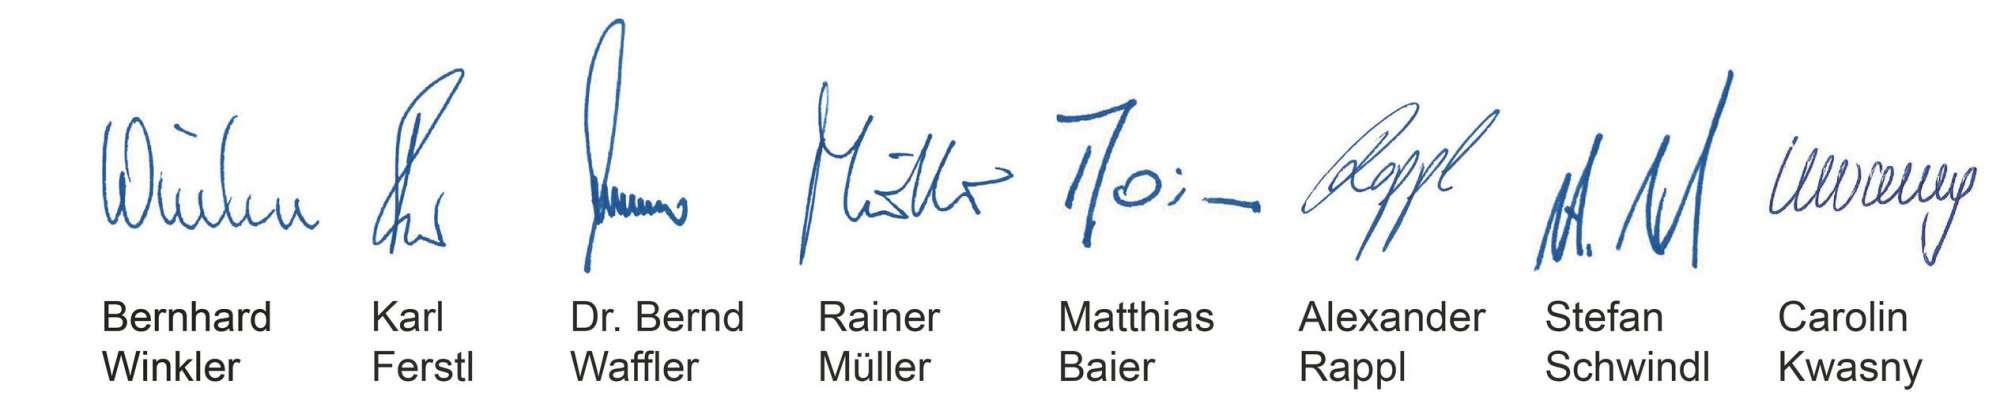 Unterschriften MTG Wirtschaftskanzlei Unternehmensphilosophie